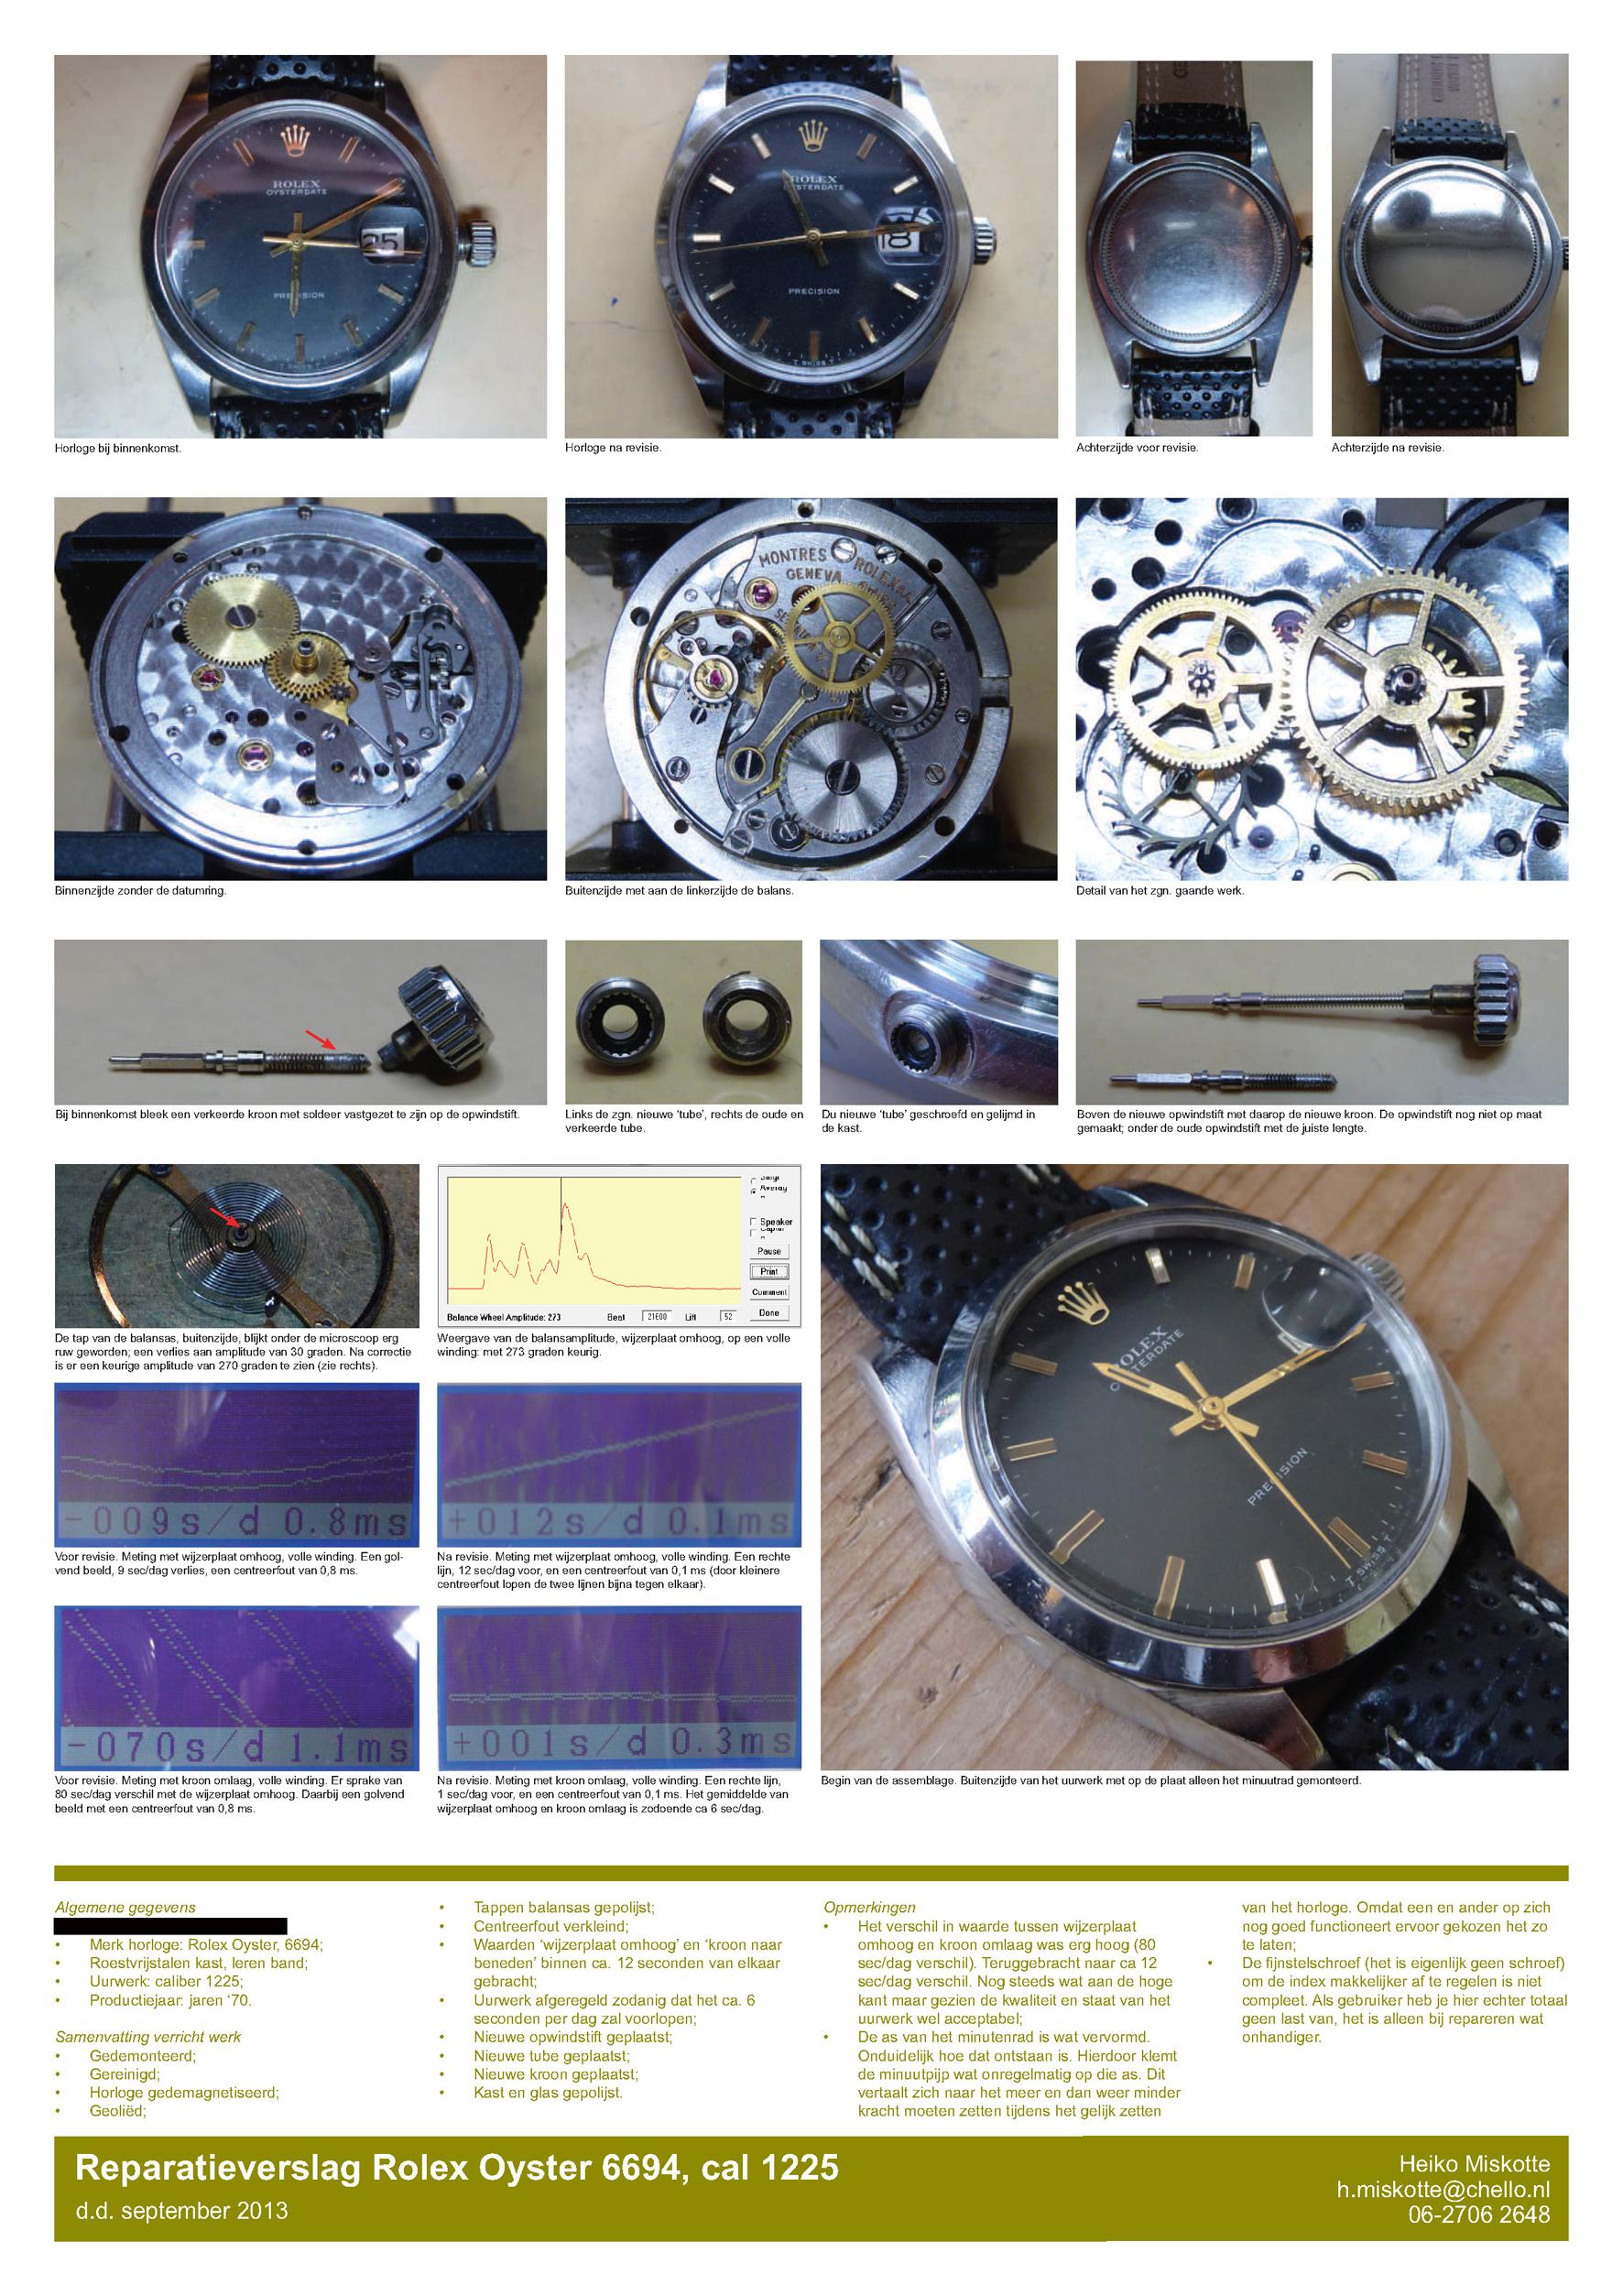 Reparatieverslag_Rolex Oyster 6694_cal 1225_september 2013c